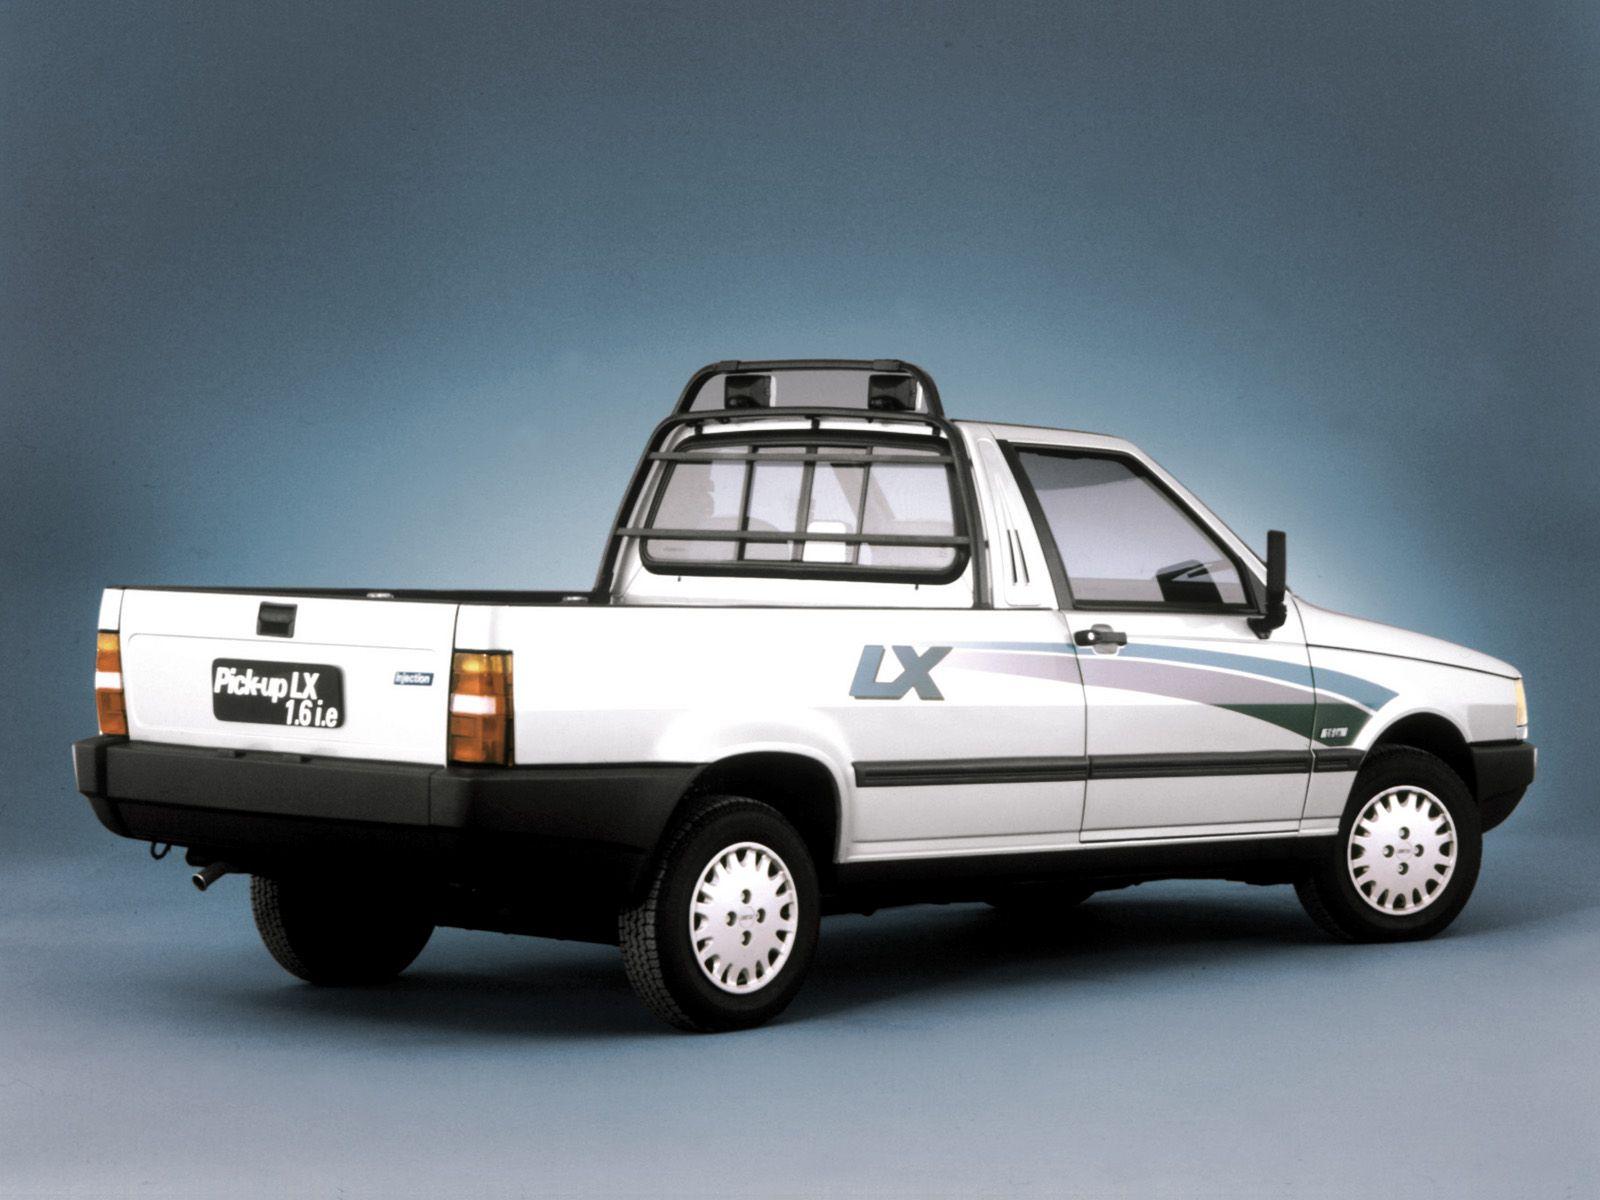 Fiat Fiorino Pick Up Lx 1 6 I E 1994 Com Imagens Camionete